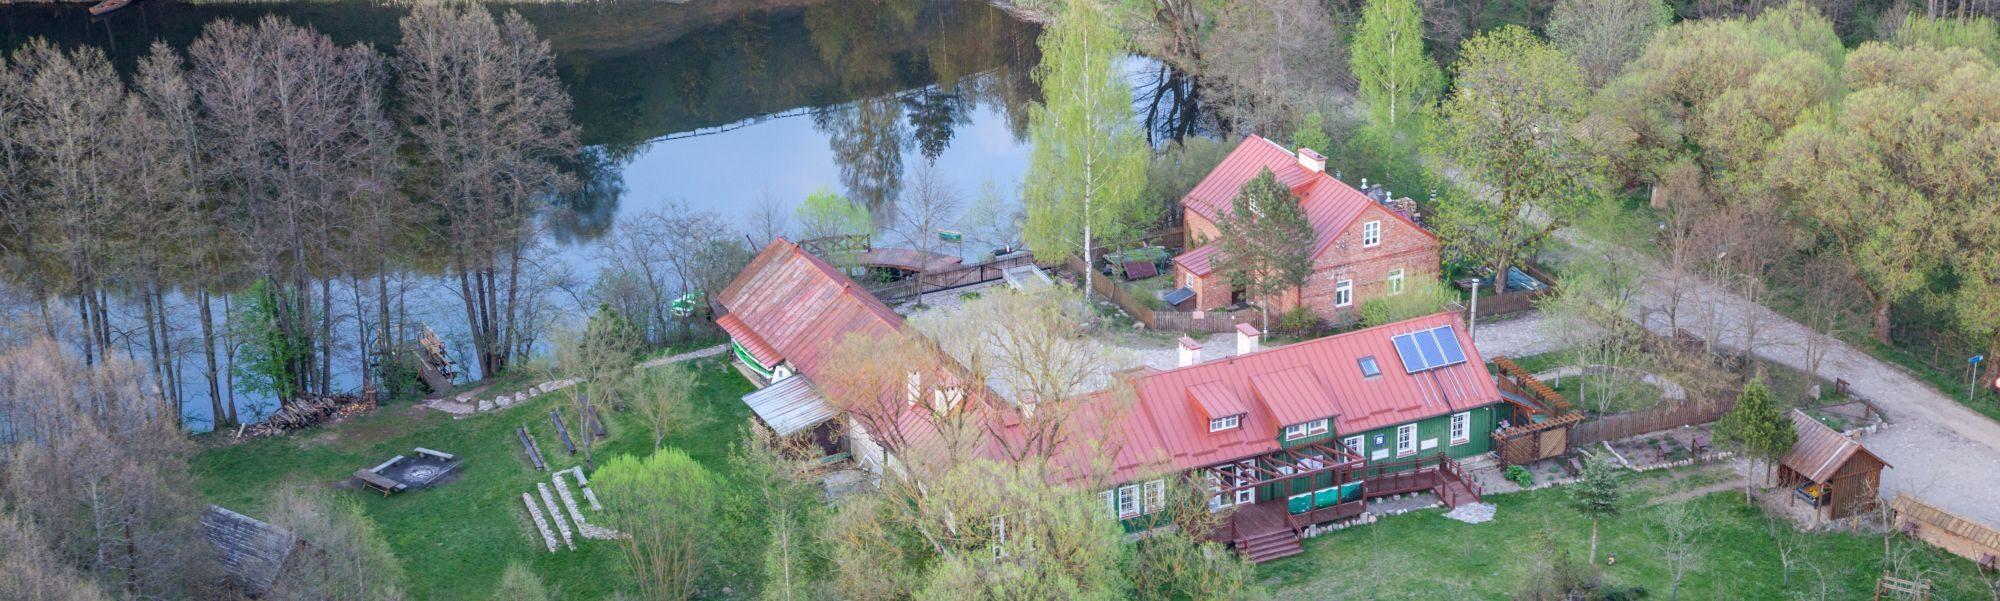 Siedziba Suwalskiego Parku Krajobrazowego w Turtulu